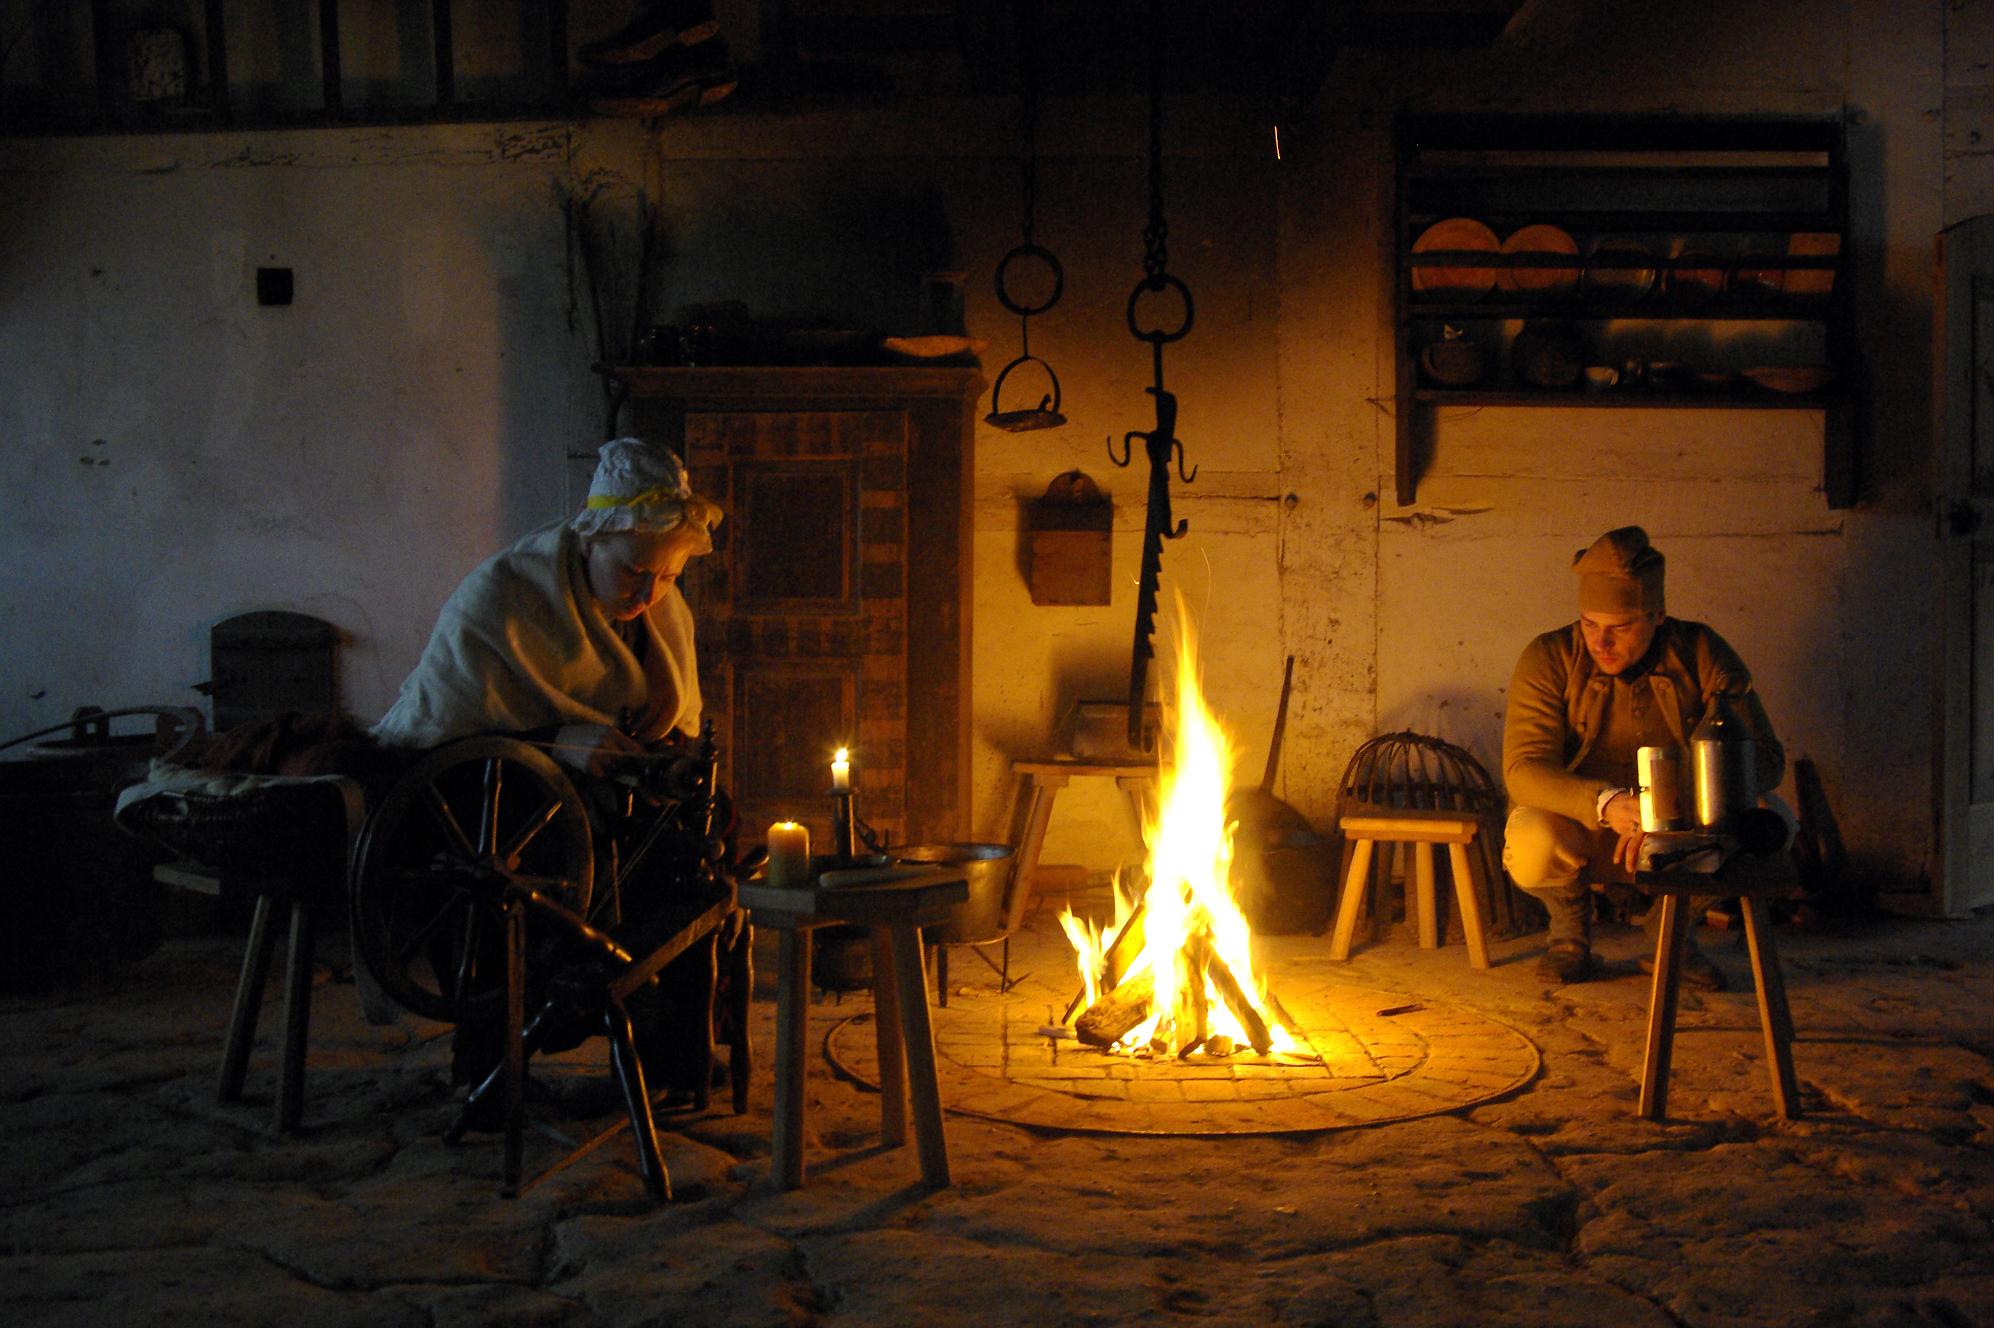 FLMK -Kochen am offenen Feuer. Wer kann sich das heute noch vorstellen